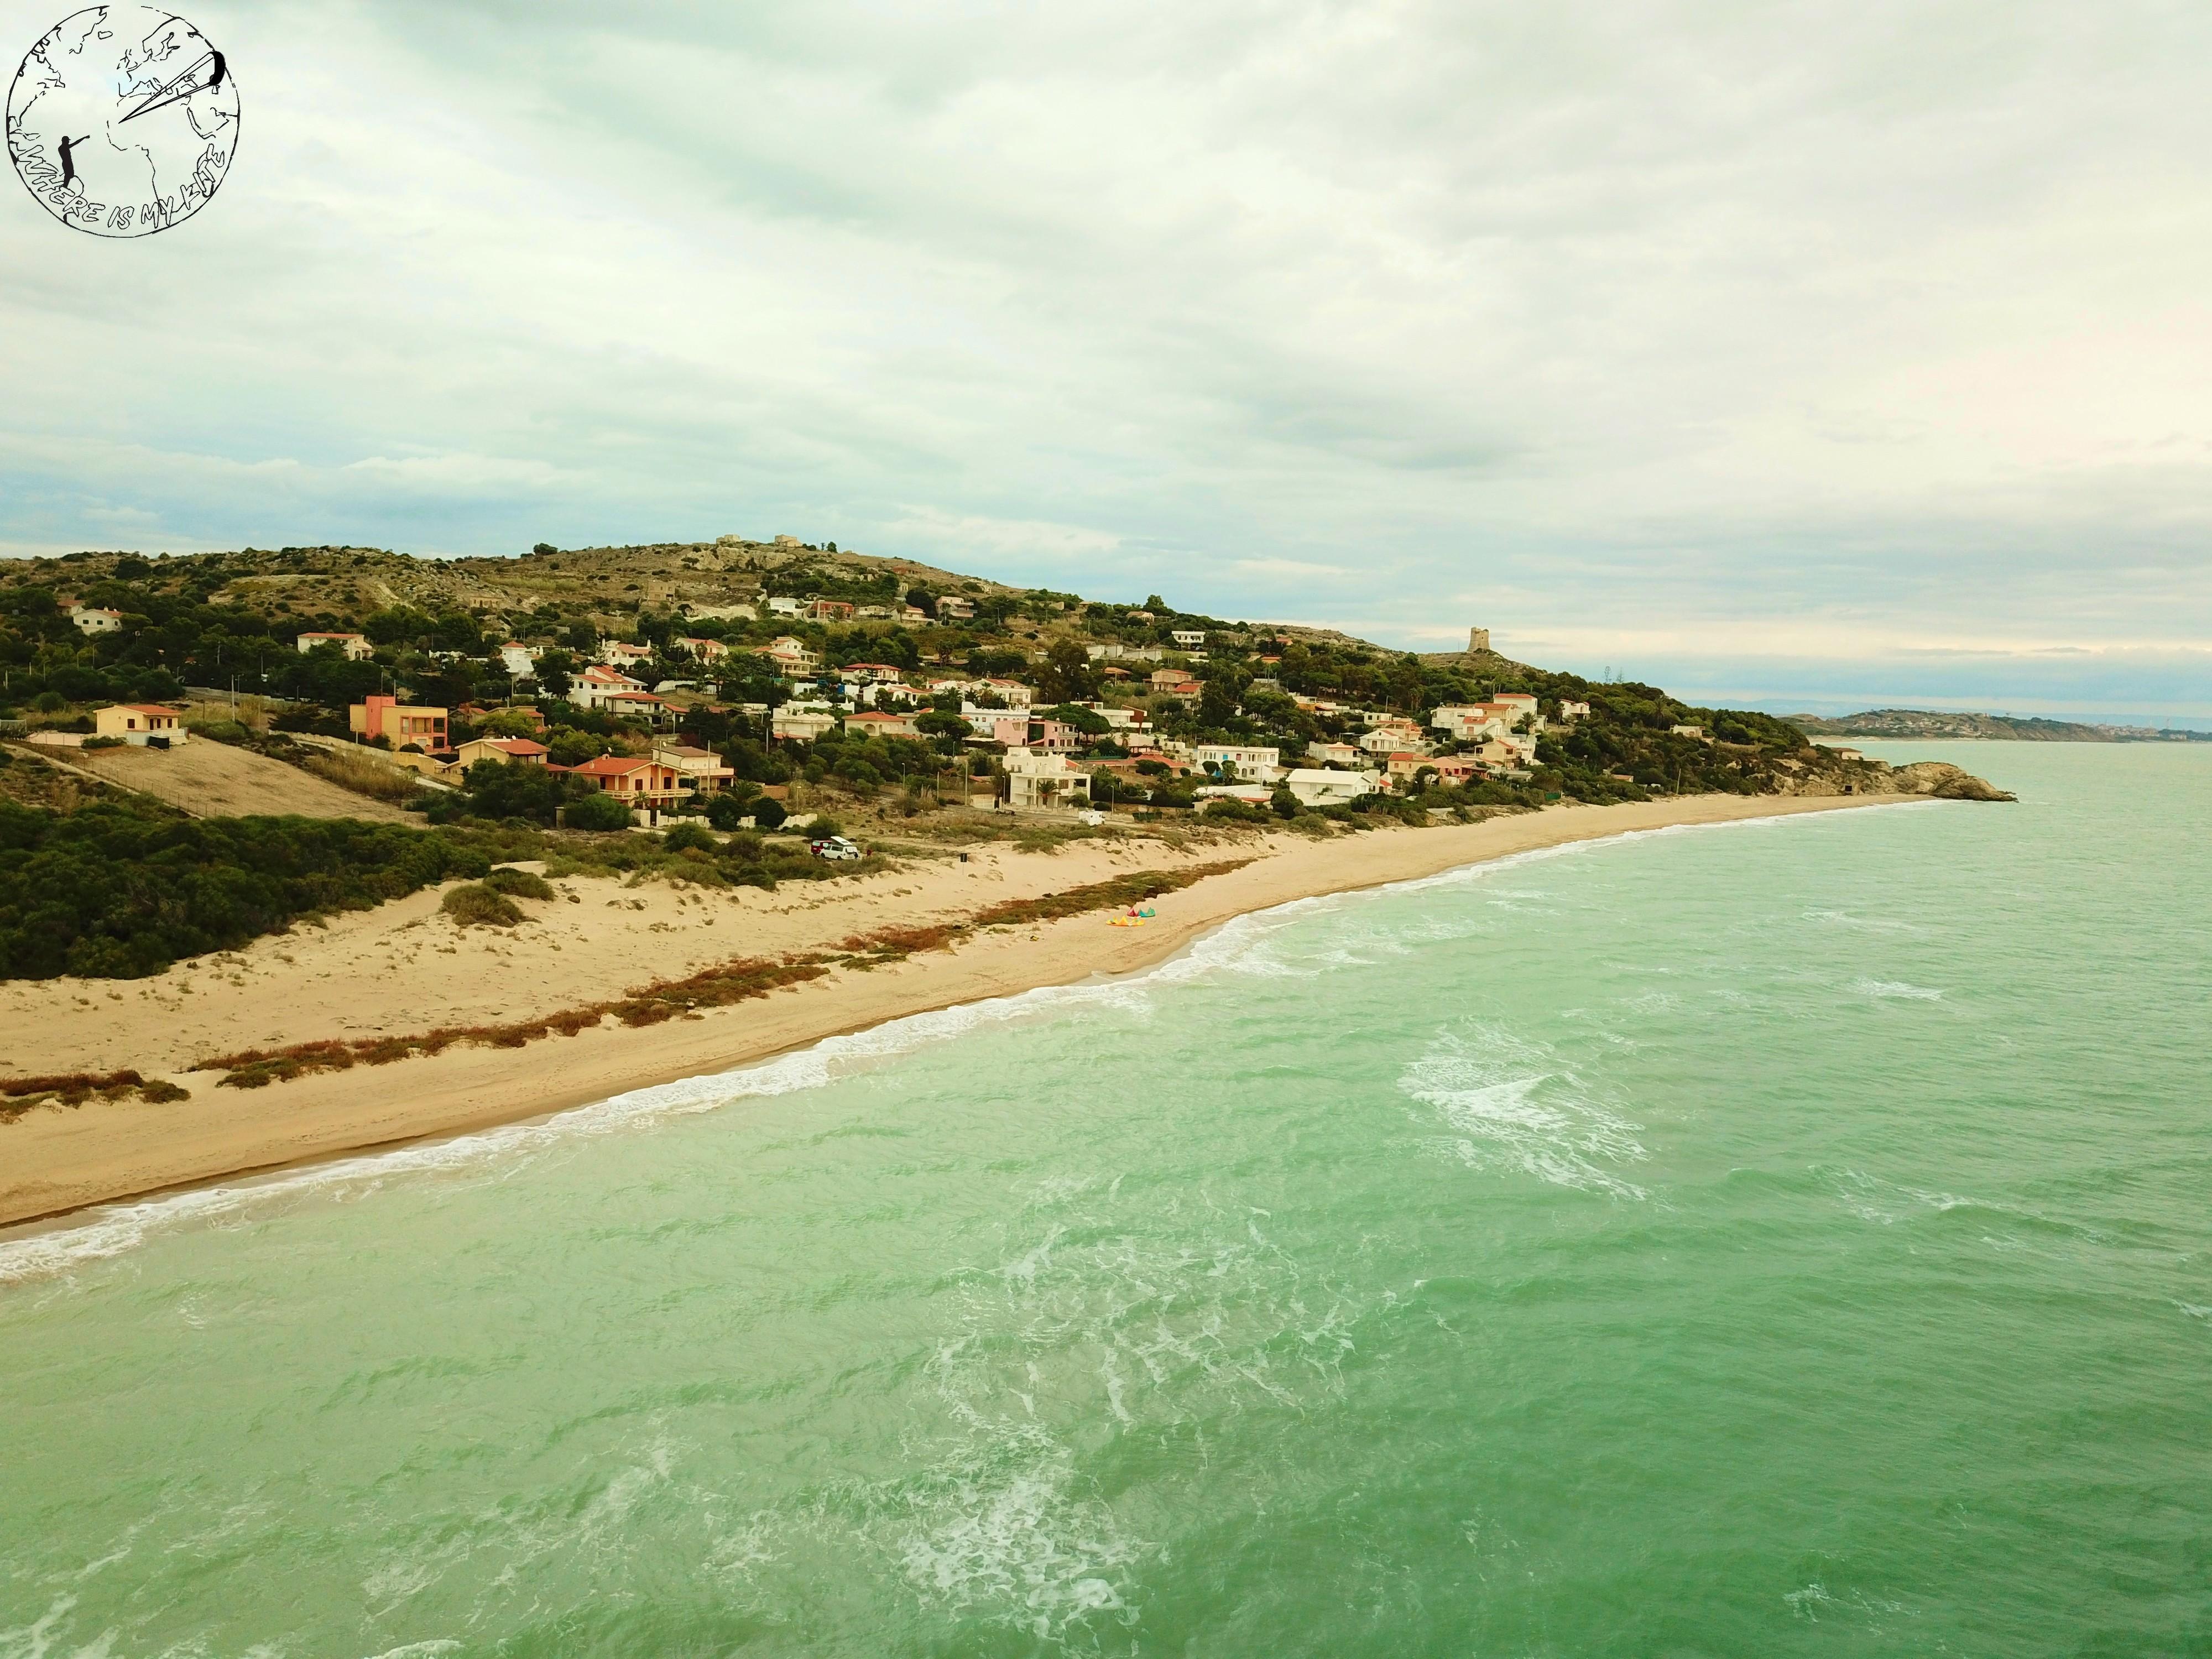 Vue de la mer sur le village de Manfria en Sicile